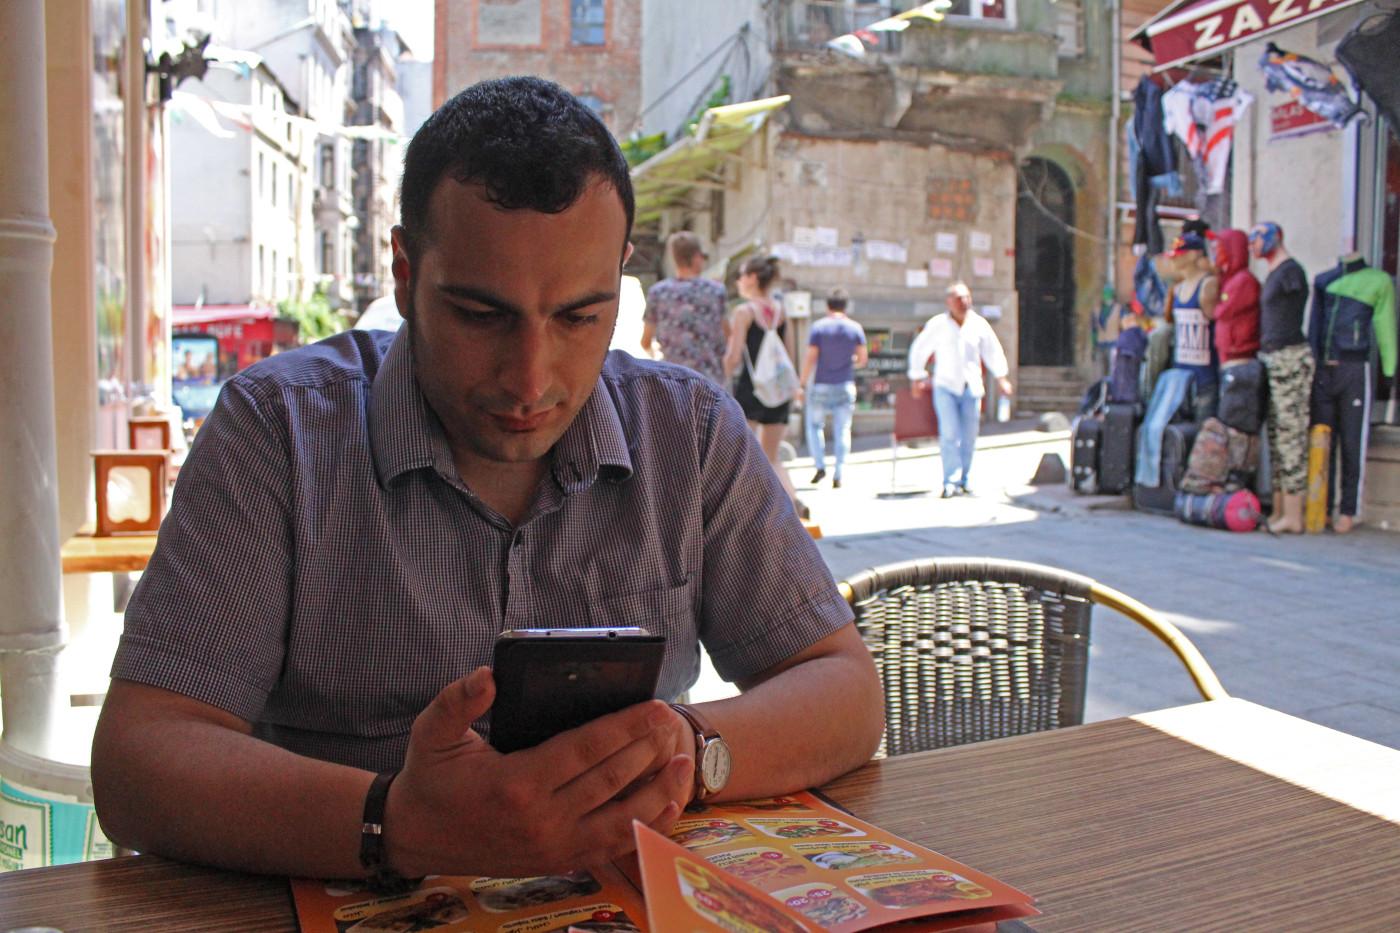 Entrevista con Yassin Swehat sobre la guerra de Siria